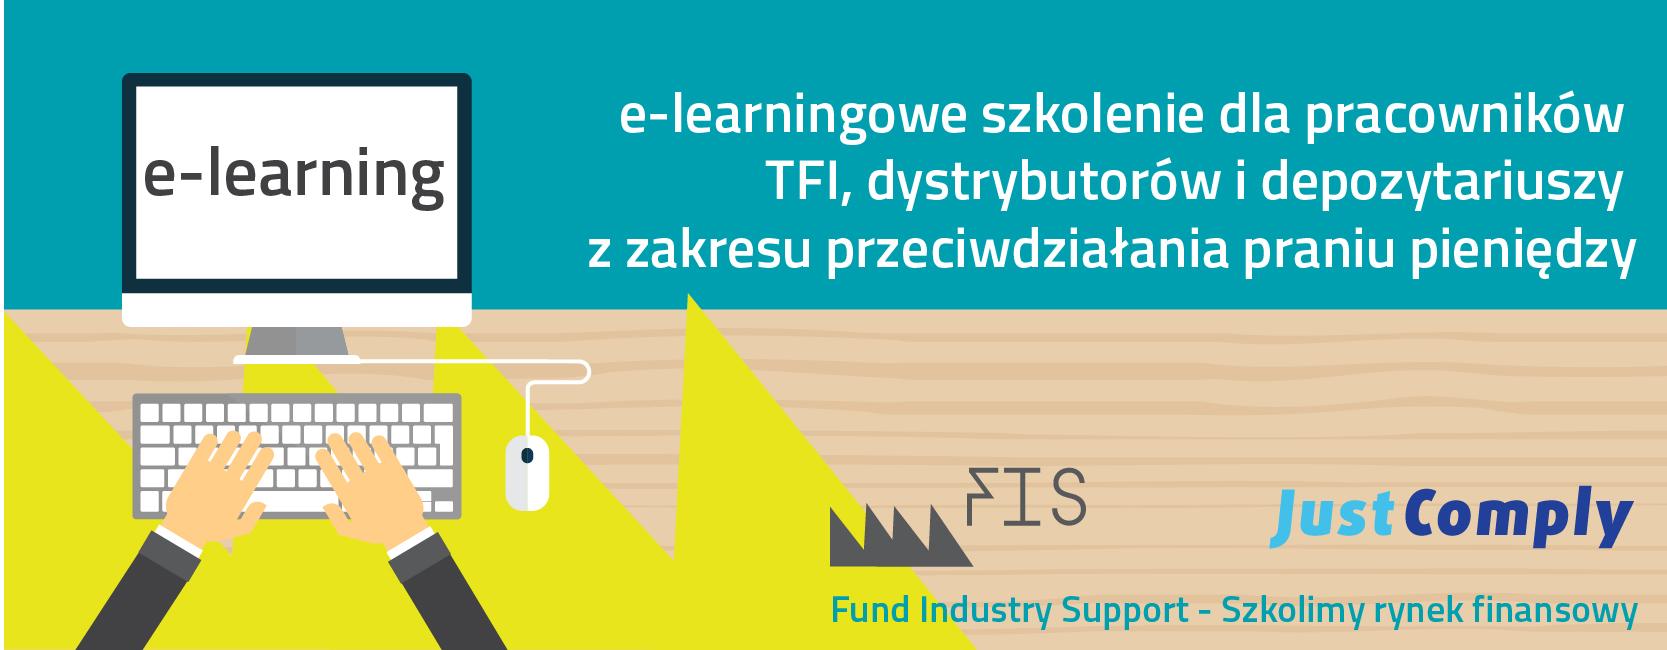 e-learning2,jpg-01